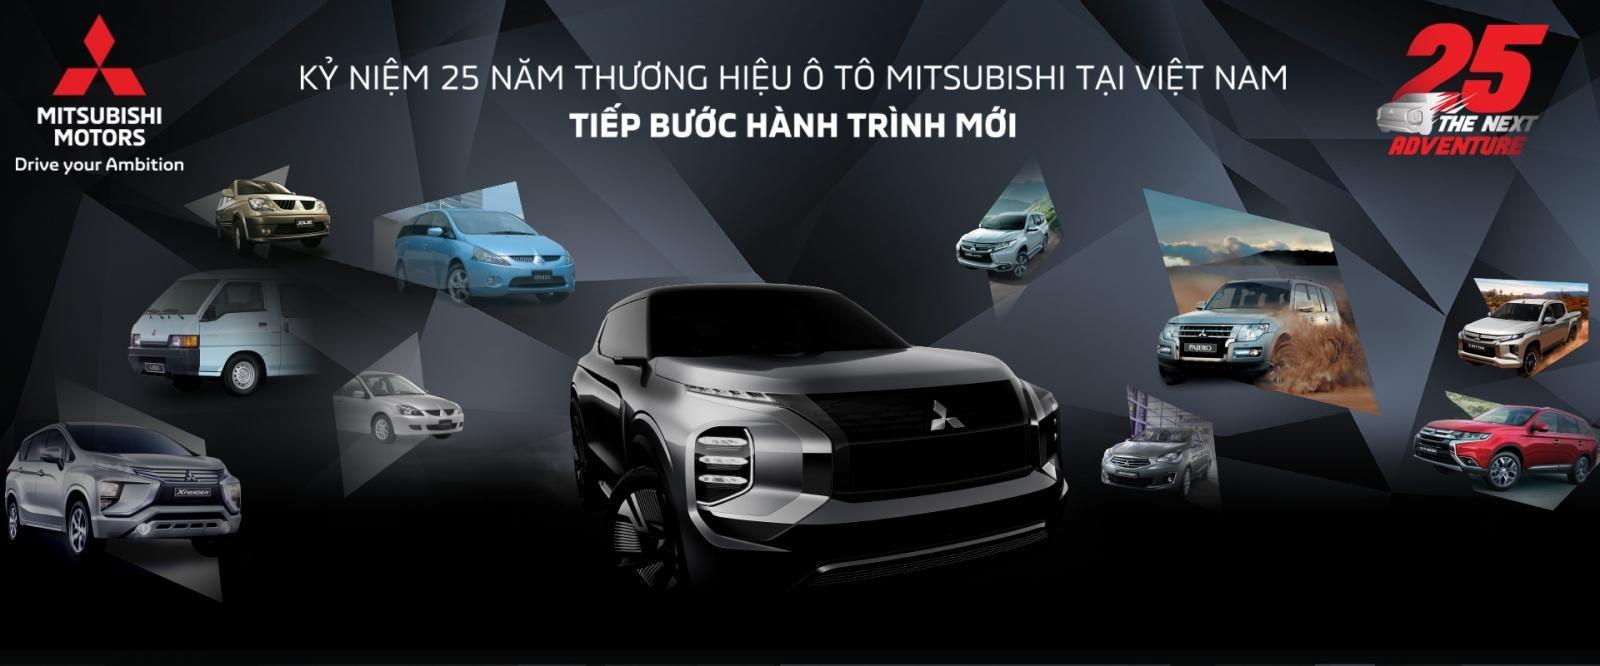 [VMS 2019] Gian hàng của Mitsubishi có gì đặc biệt? a2